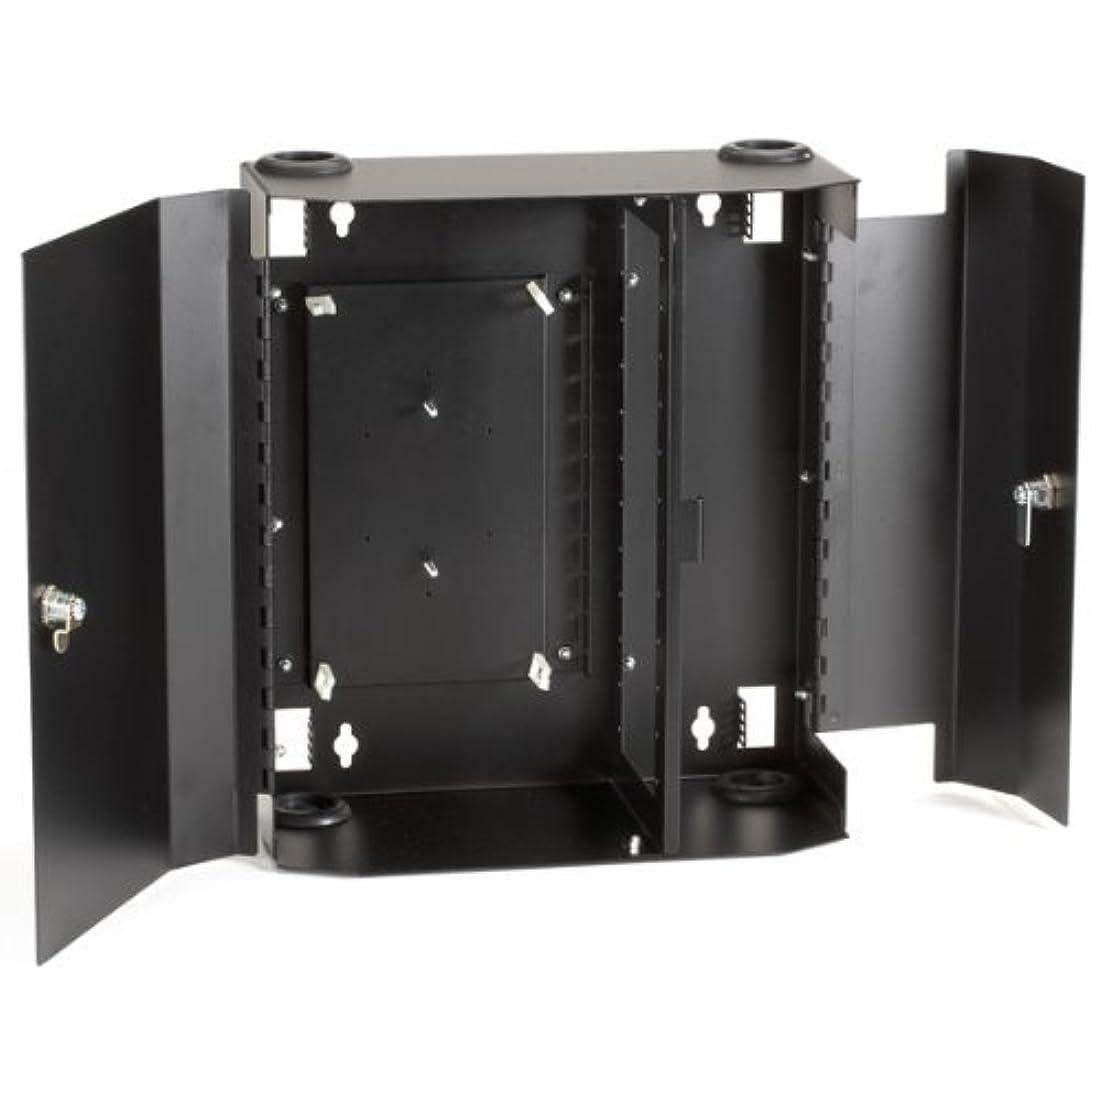 布適切に命題Black Box Fiber Wall Cabinet, Lock-Style, 12-Adapter Panel [並行輸入品]